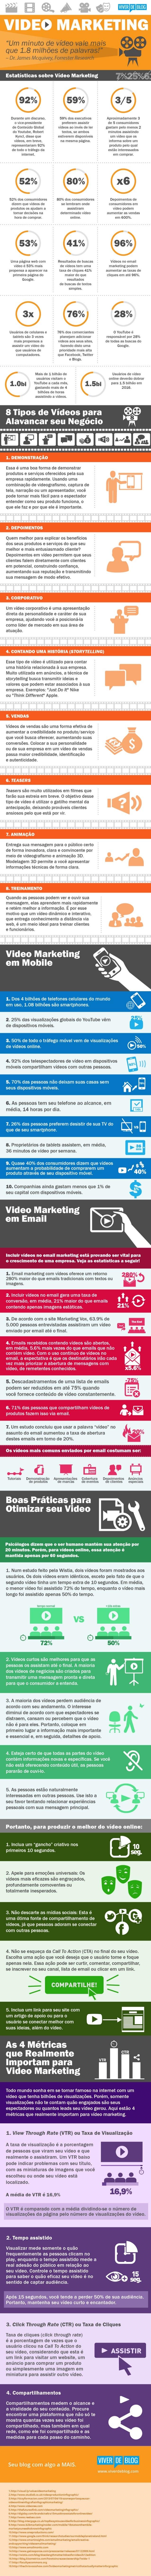 Infográfico Video Marketing: Um minuto de vídeo vale mais que 1.8 milhões de palavras!